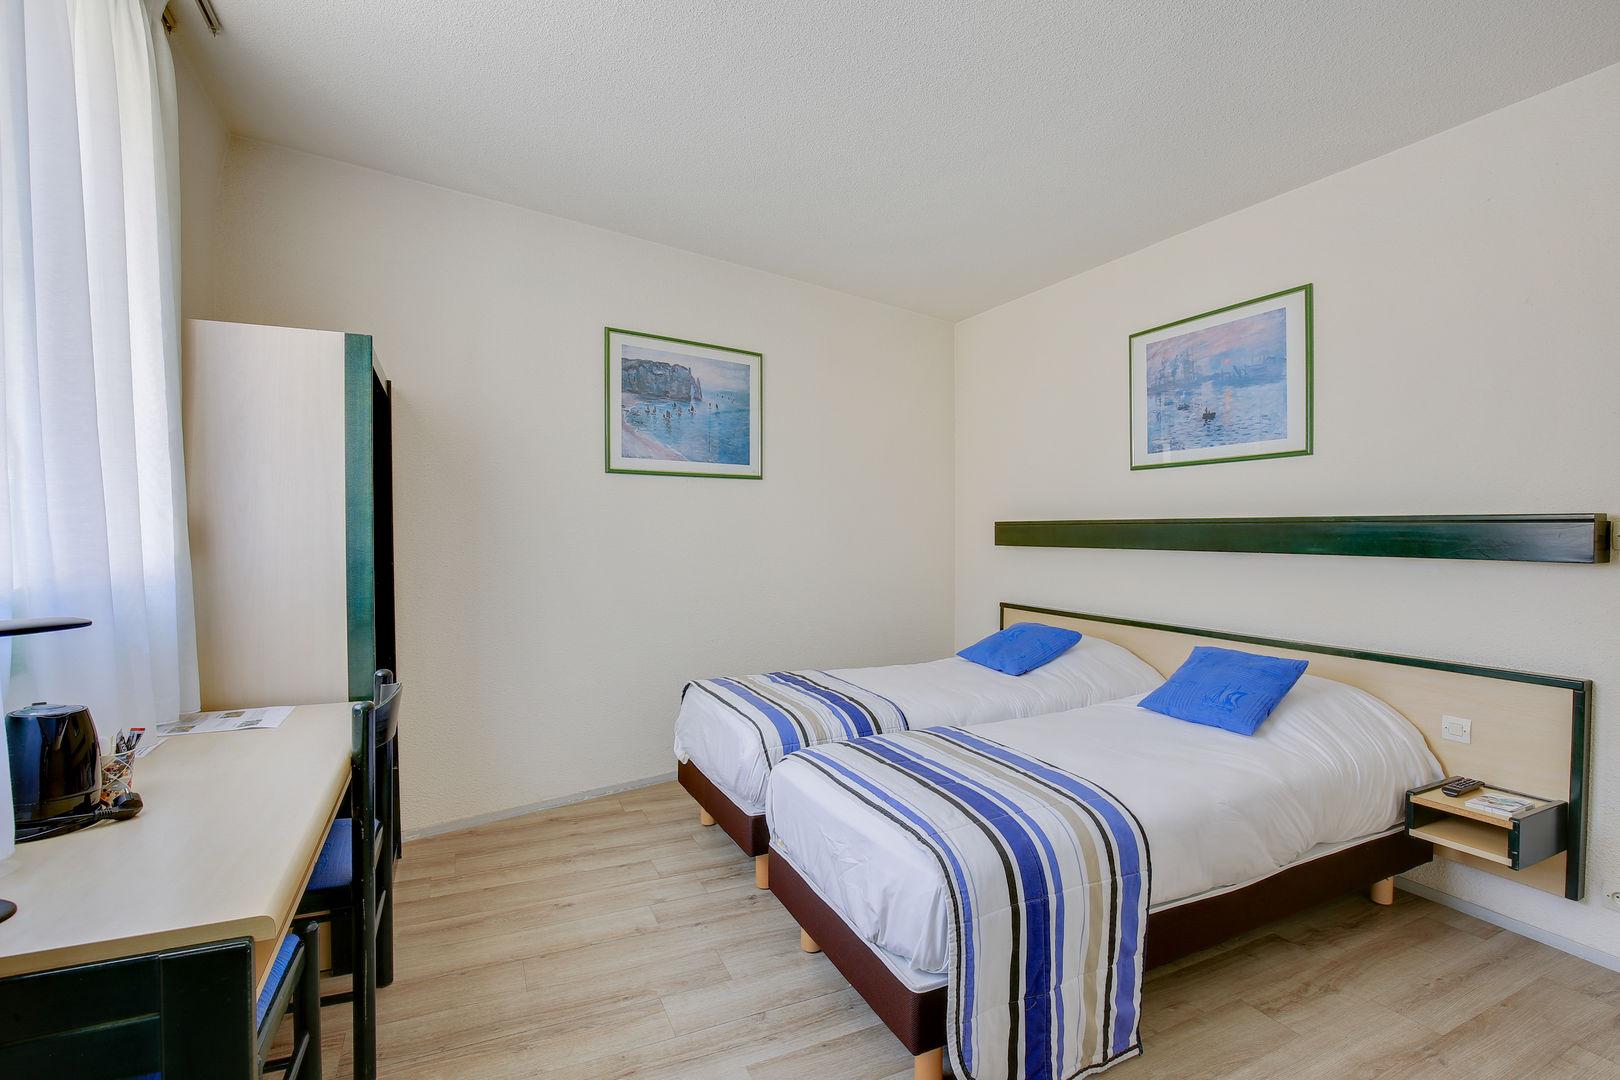 chambre-familiale_hotel-champ-de-mars_st-brieuc